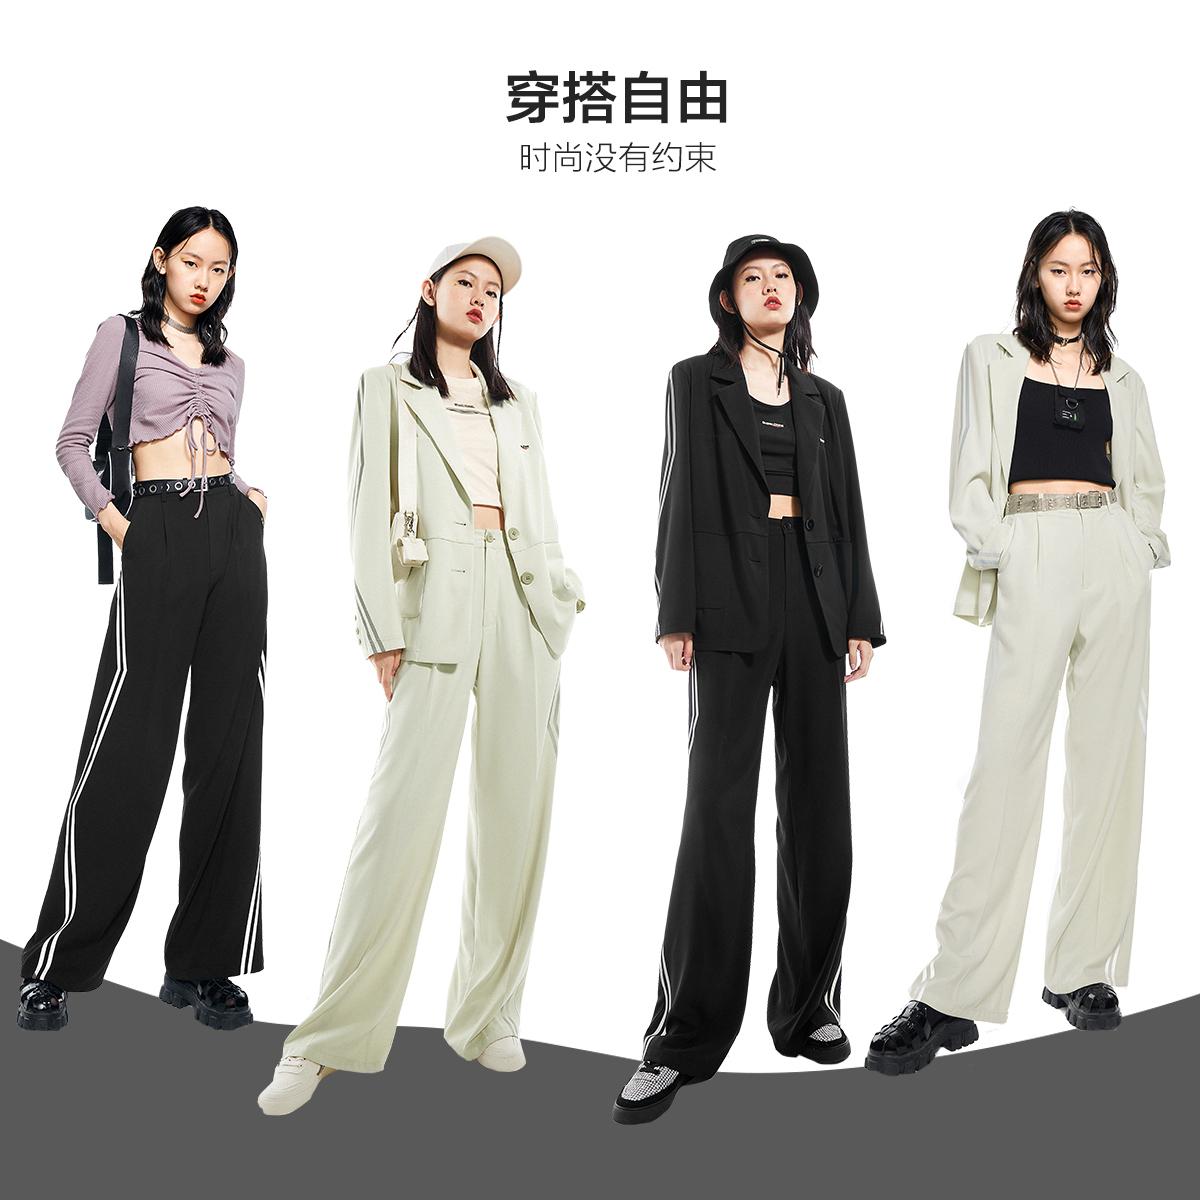 新款阔腿裤女高腰垂感休闲西装裤 2020 太平鸟欧阳娜娜同款飞跃联名